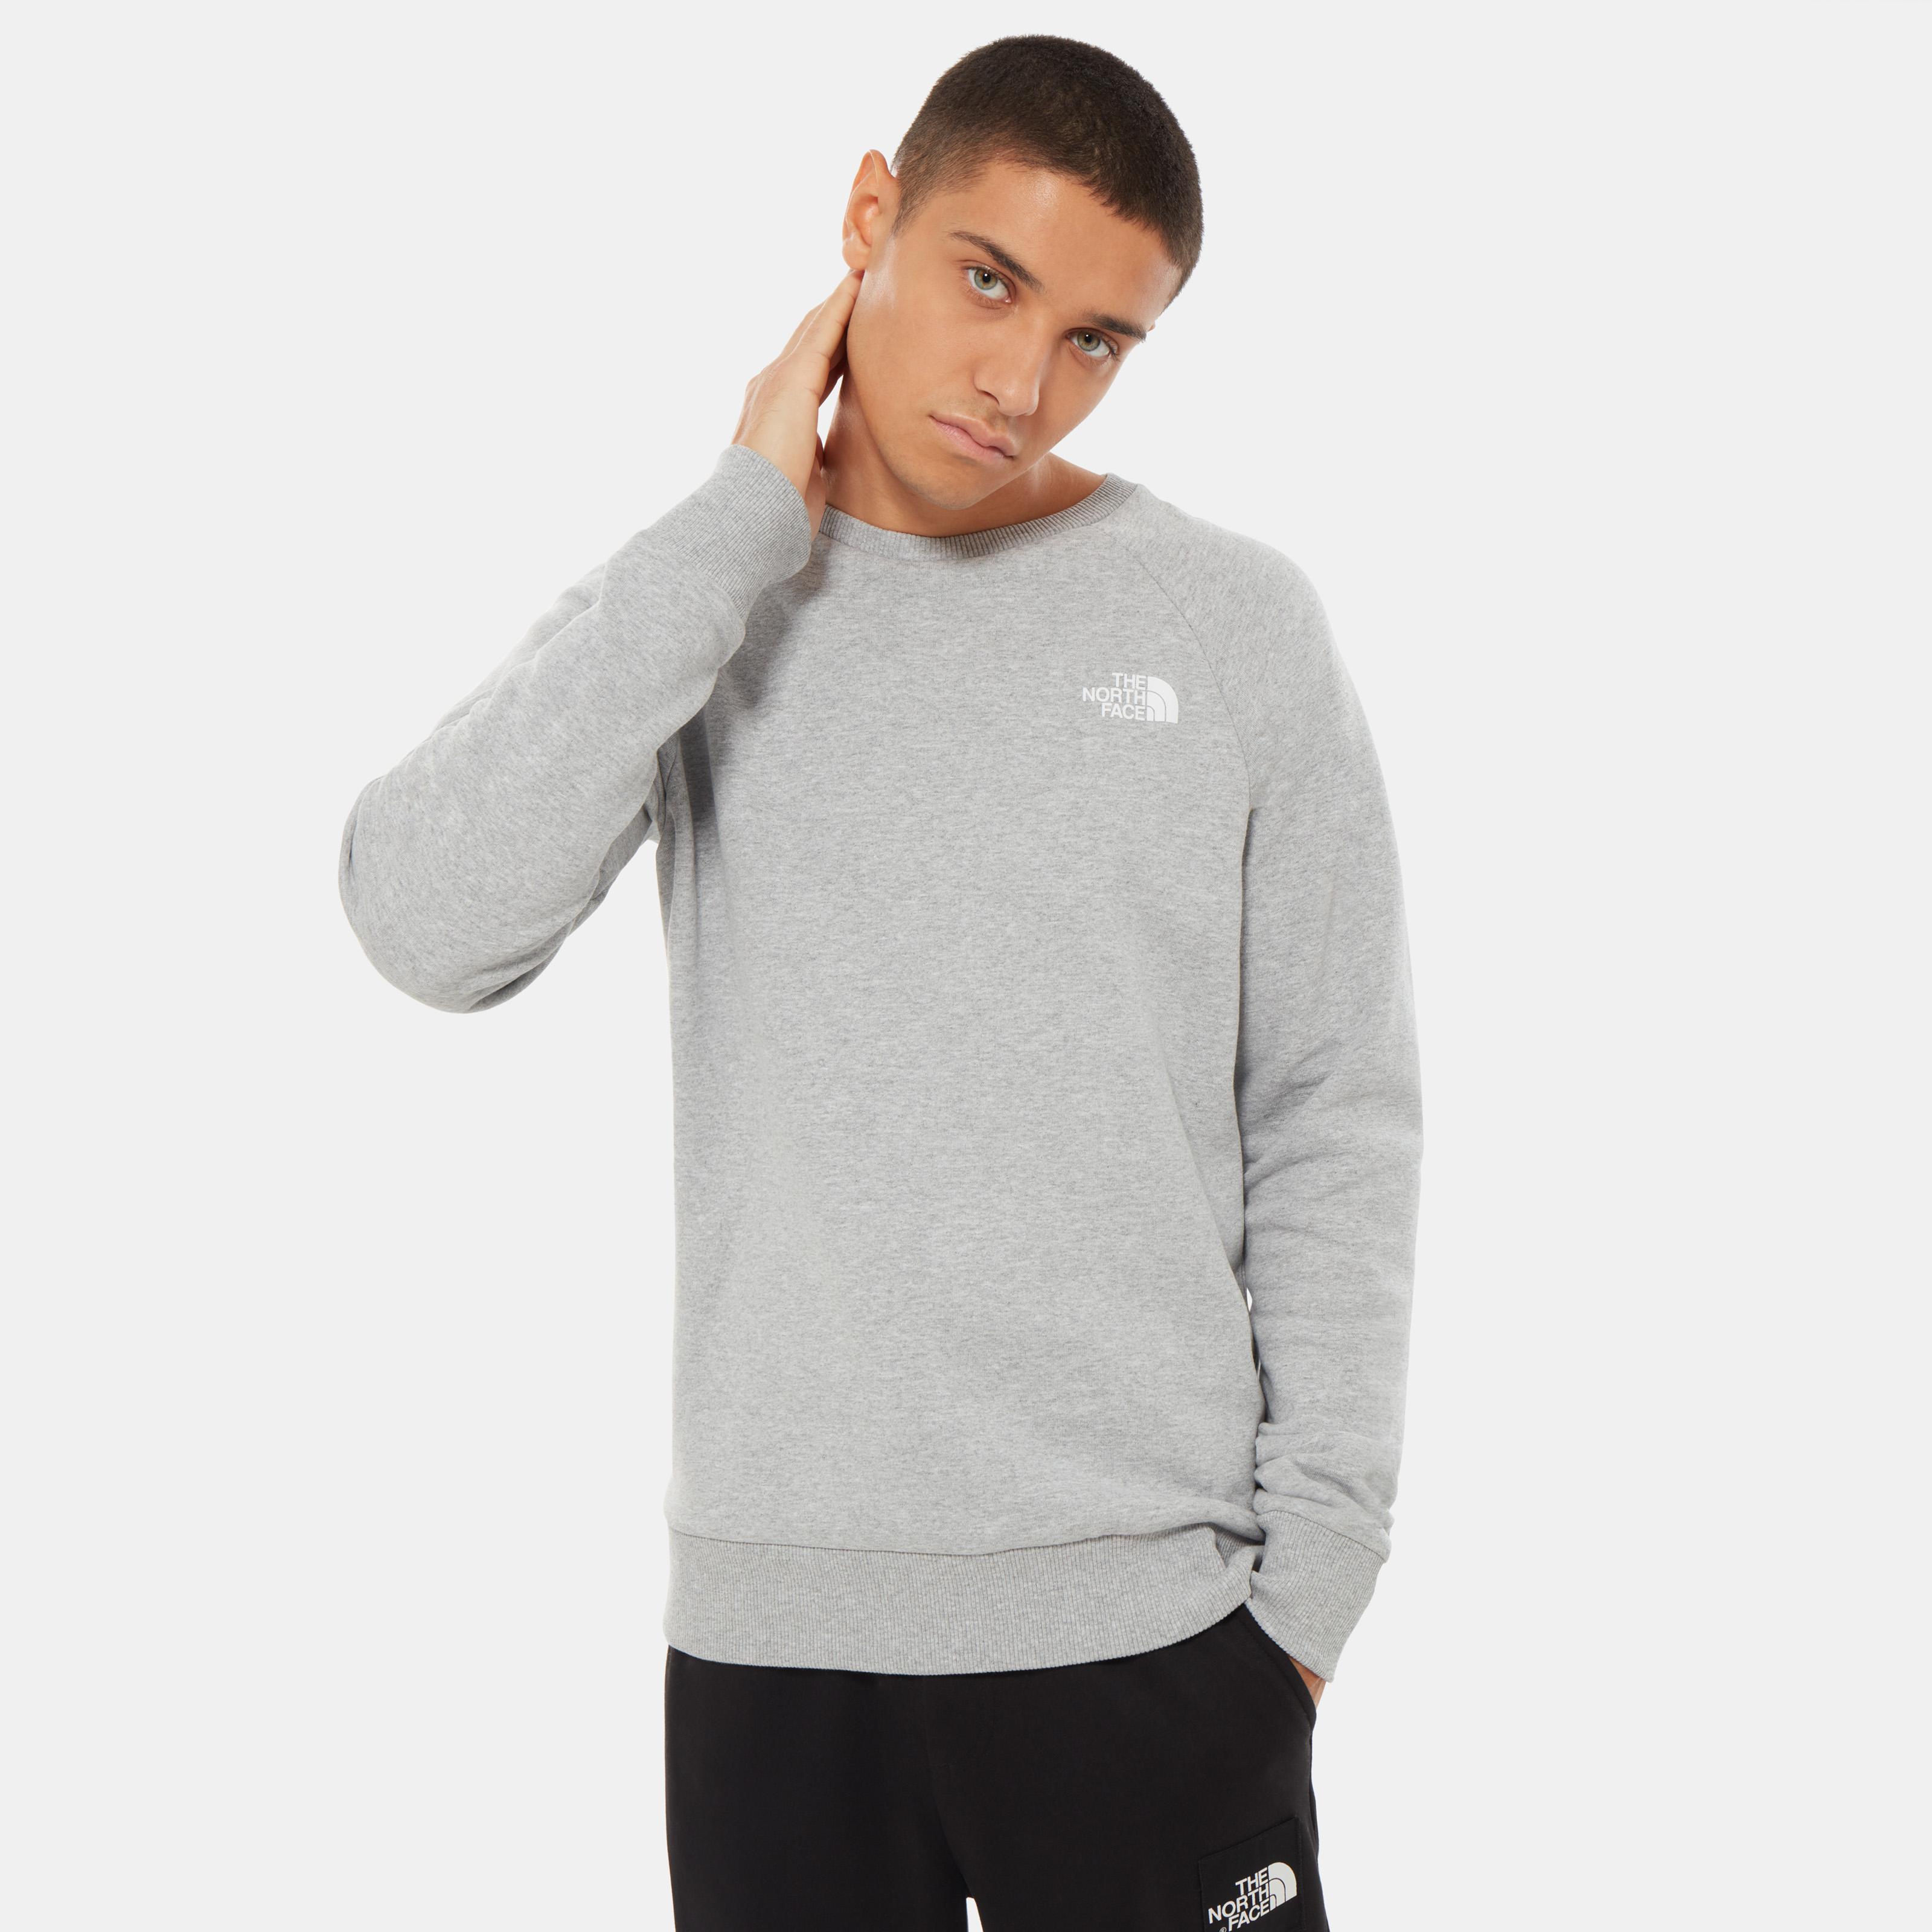 Купить со скидкой Мужская футболка с длинным рукавом Raglan Redbox Long-Sleeve T-Shirt